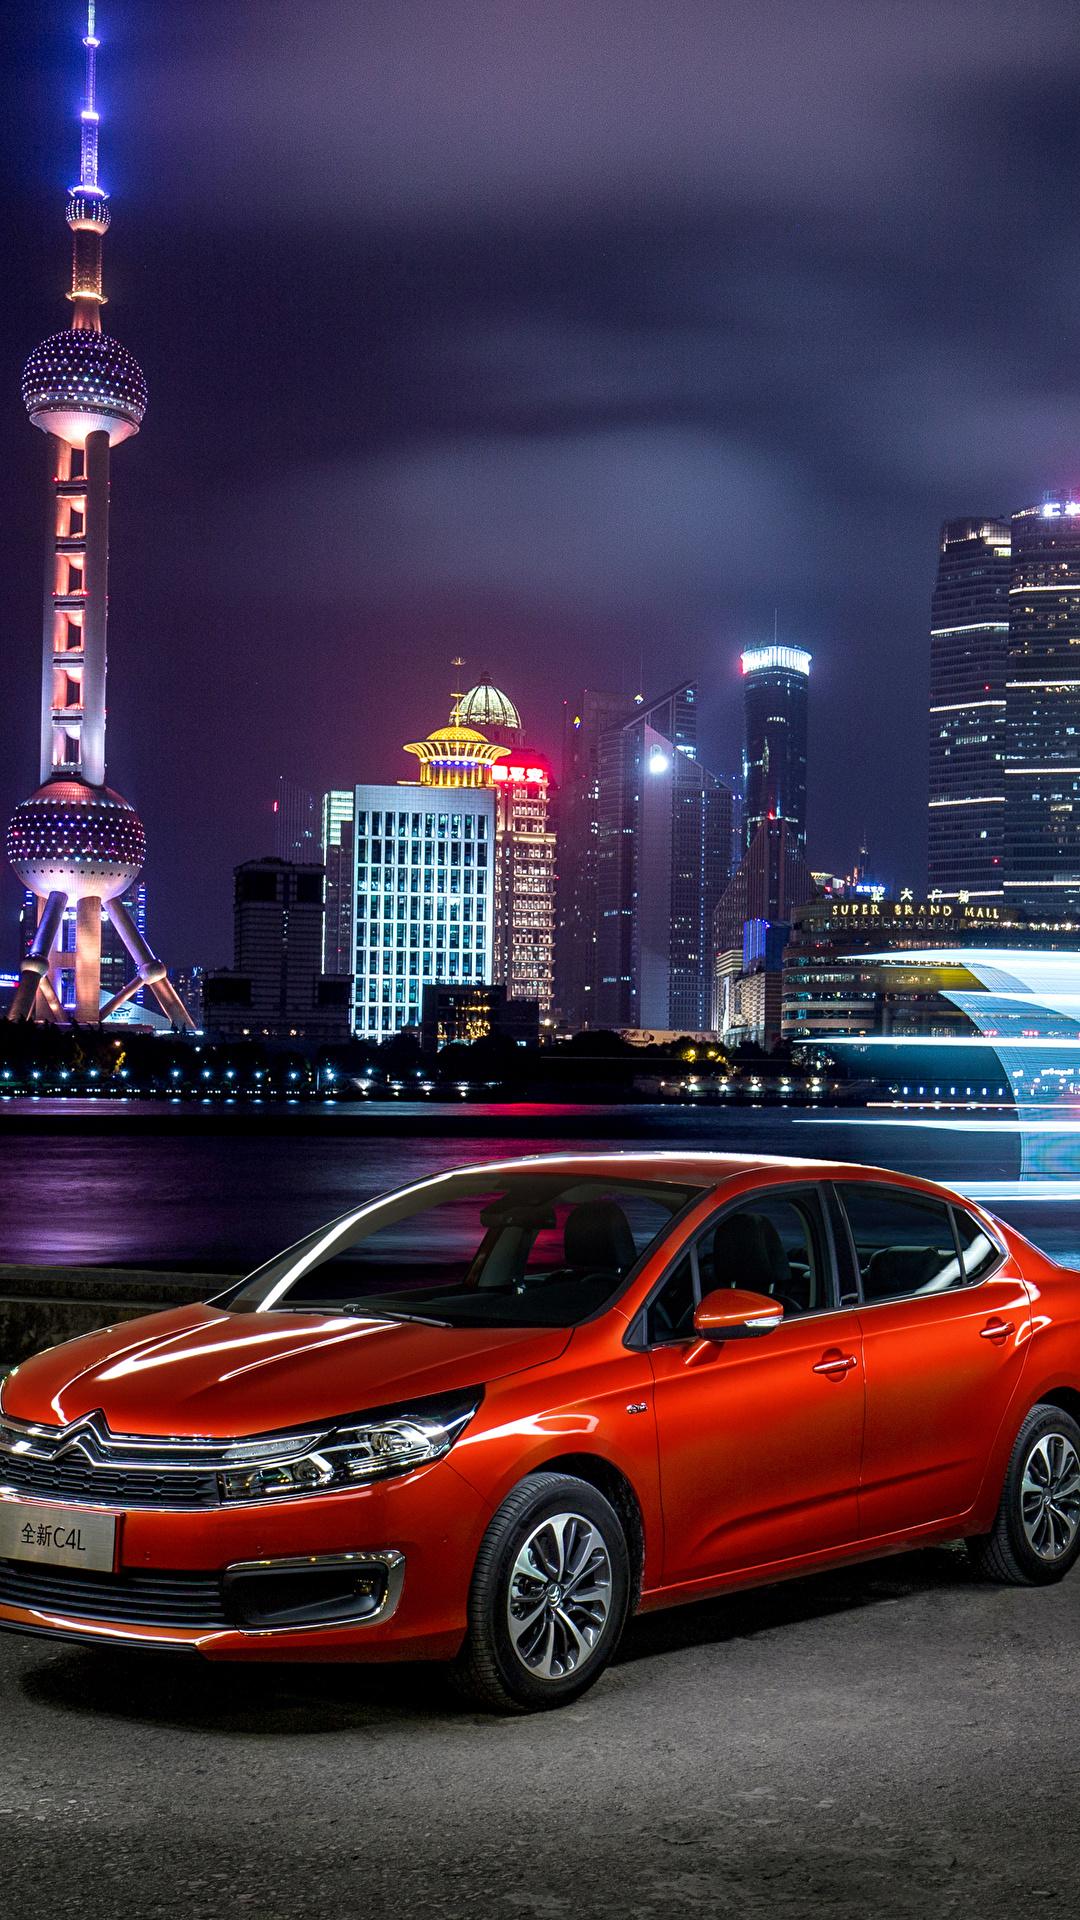 Фотографии Citroen 2016 C4 L Красный машины Металлик 1080x1920 Ситроен красных красные красная авто машина автомобиль Автомобили